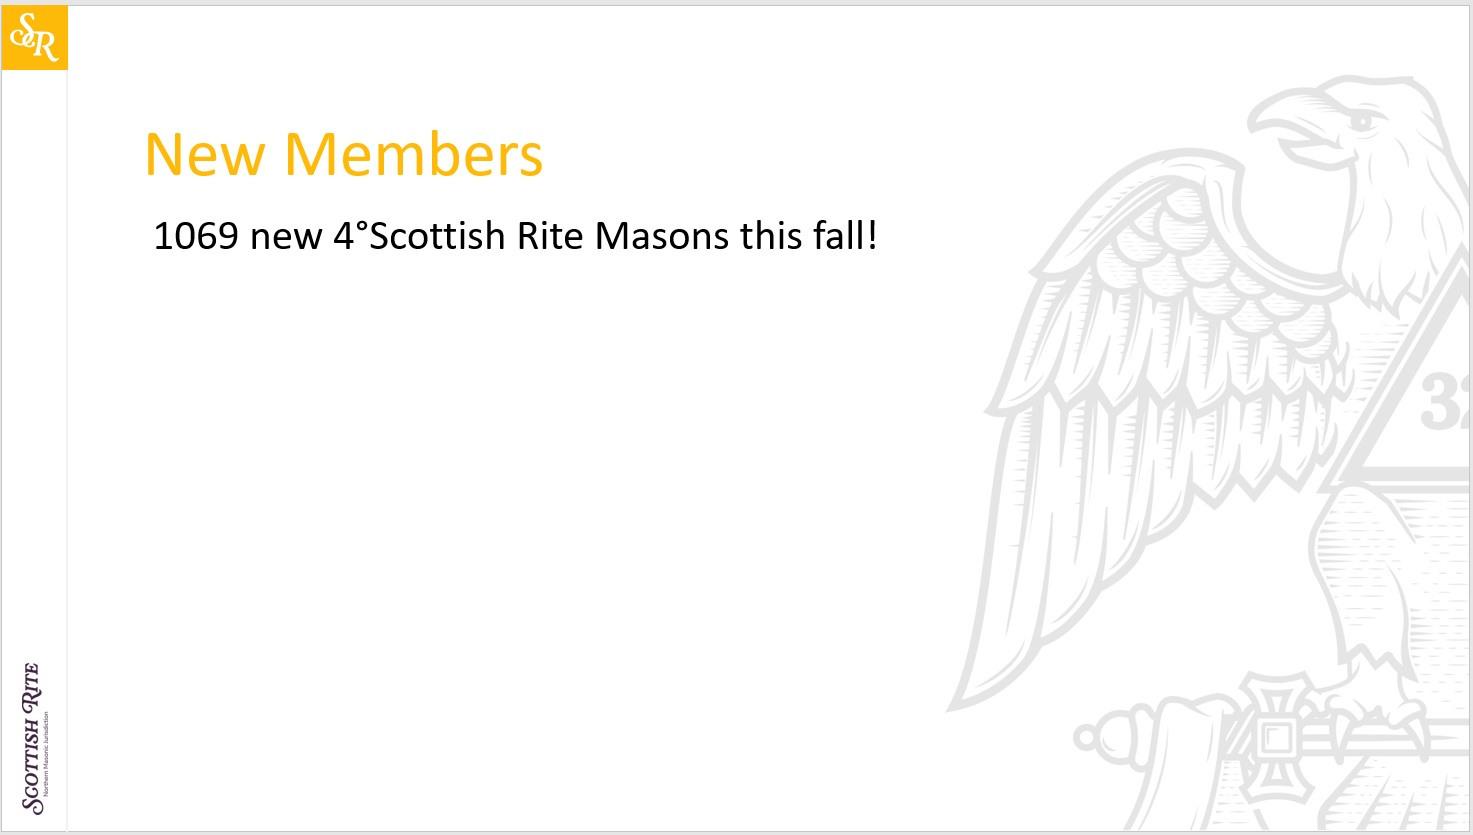 1,069 New Scottish Rite Masons this fall